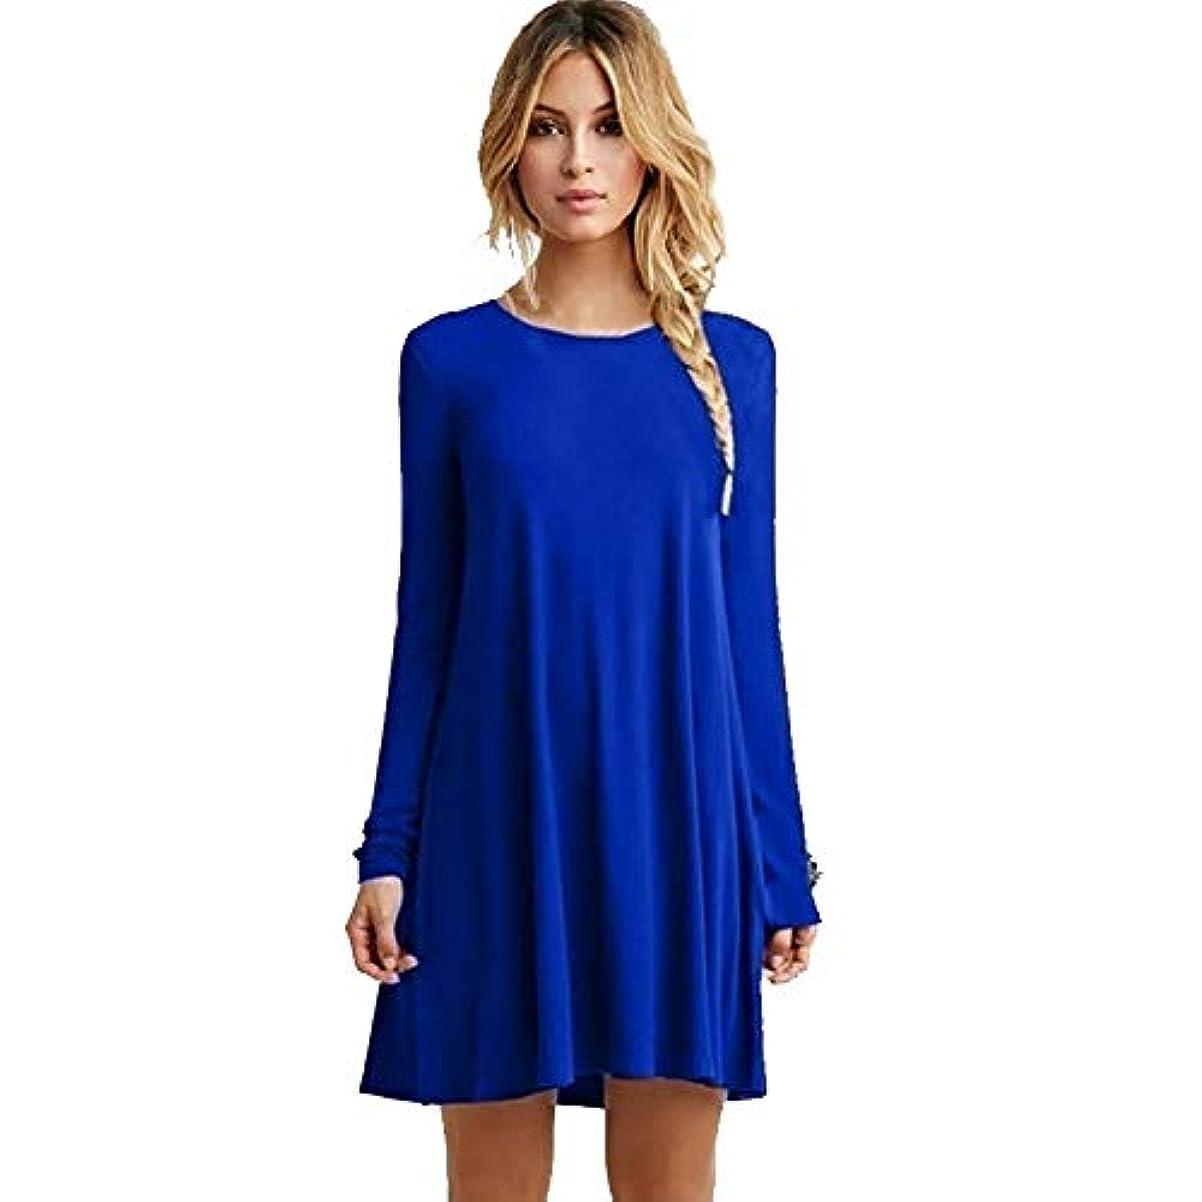 精神的に質量ユダヤ人MIFANルースドレス、プラスサイズのドレス、長袖のドレス、女性のドレス、秋のドレス、マキシドレス、コットンドレス